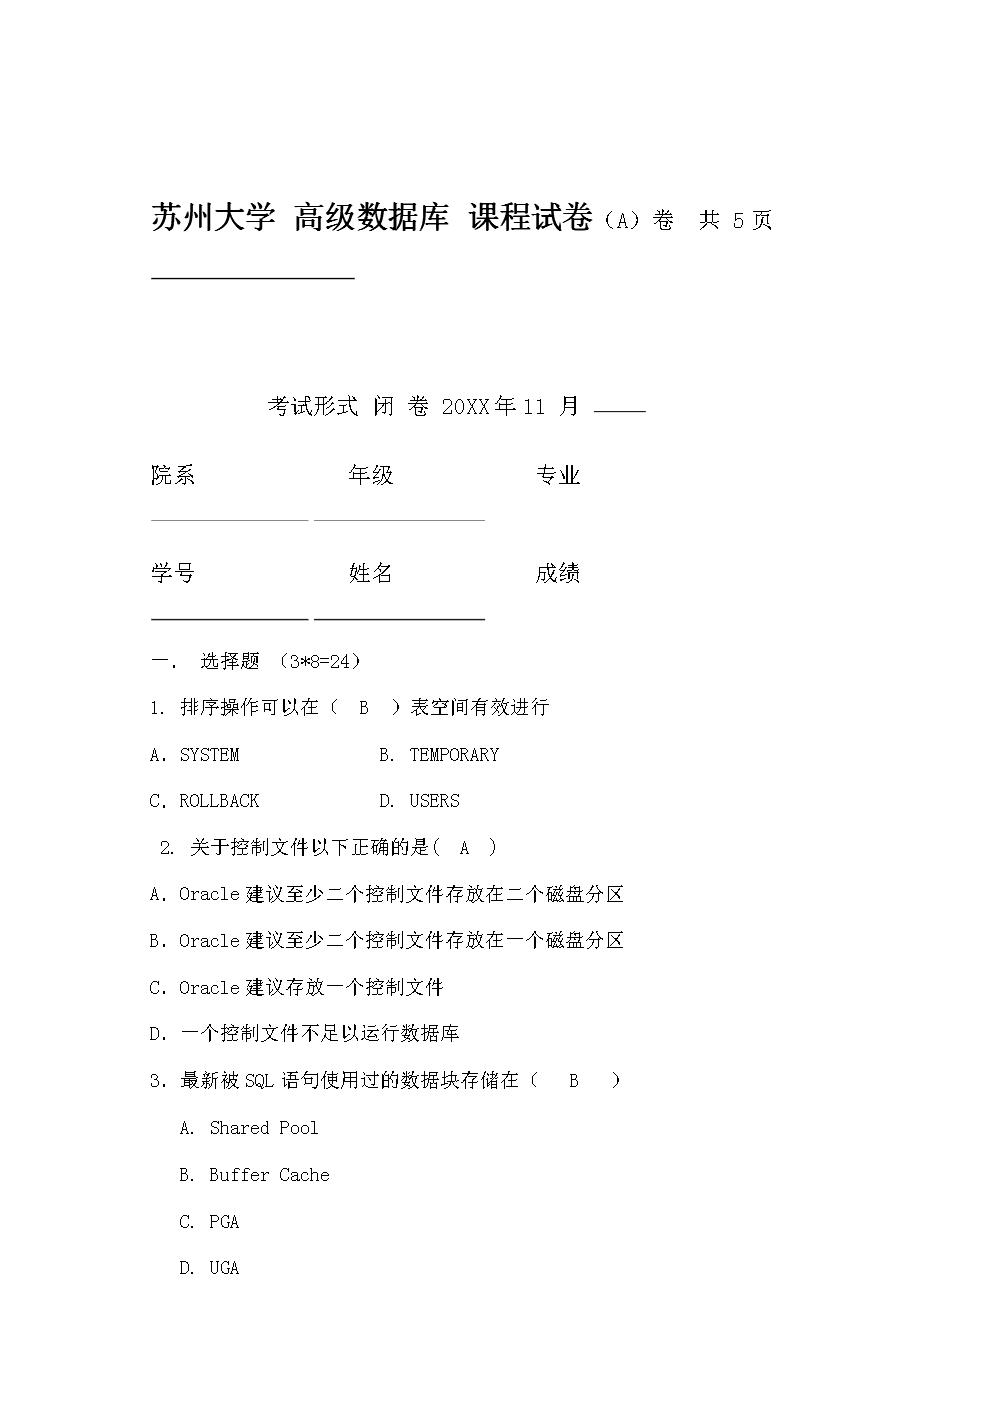 高级数据库 期中考试 答案.doc